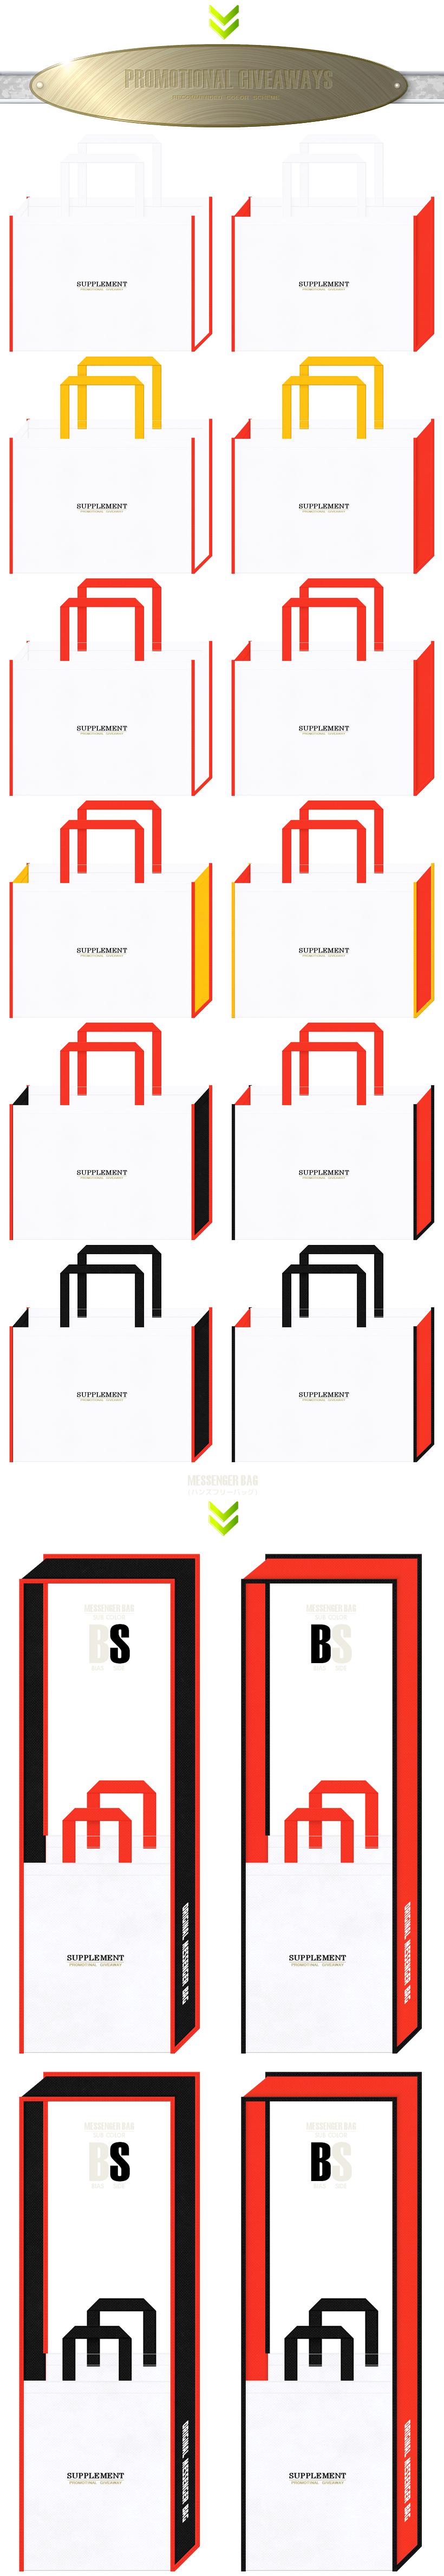 白色とオレンジ色をメインに使用した、不織布バッグのカラーシミュレーション:サプリメントの販促ノベルティ